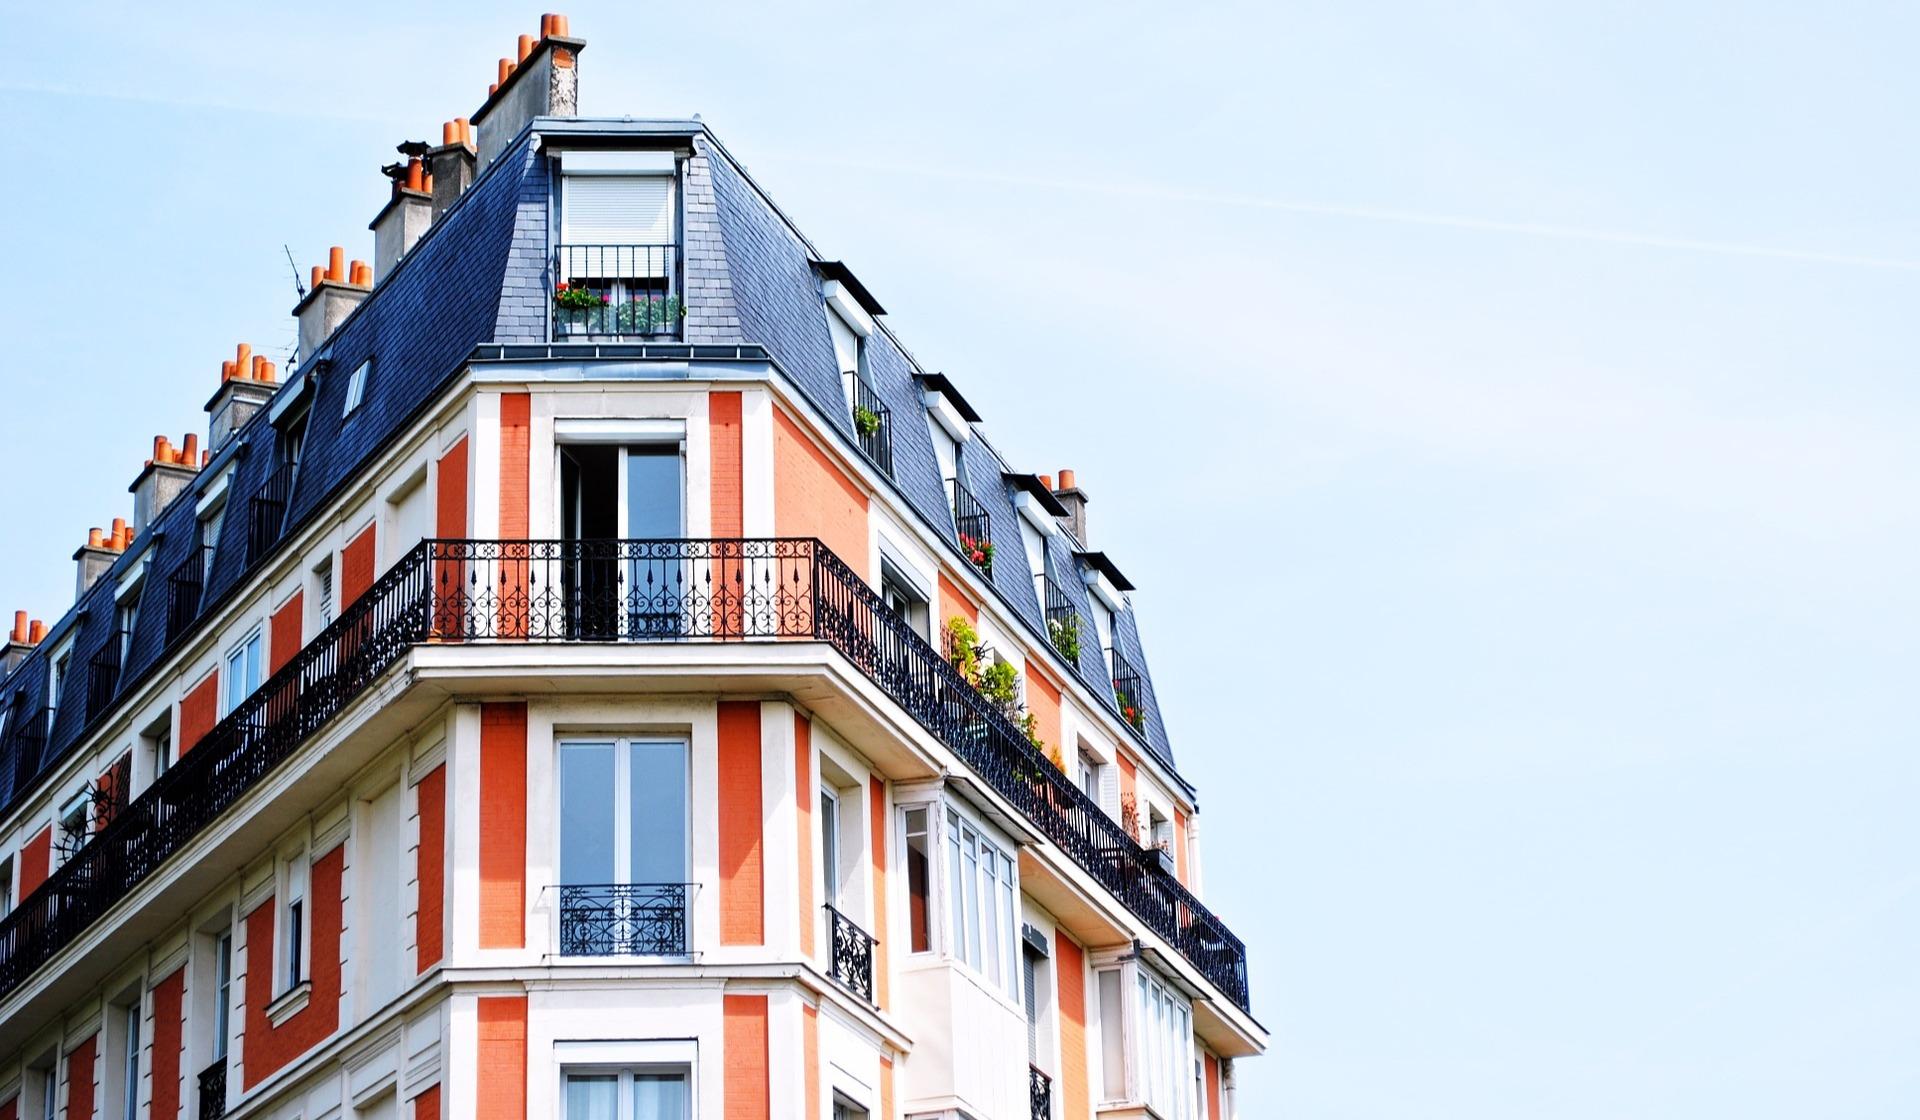 8 bonnes raisons de confier la gestion de l'immeuble aux copropriétaires eux-mêmes